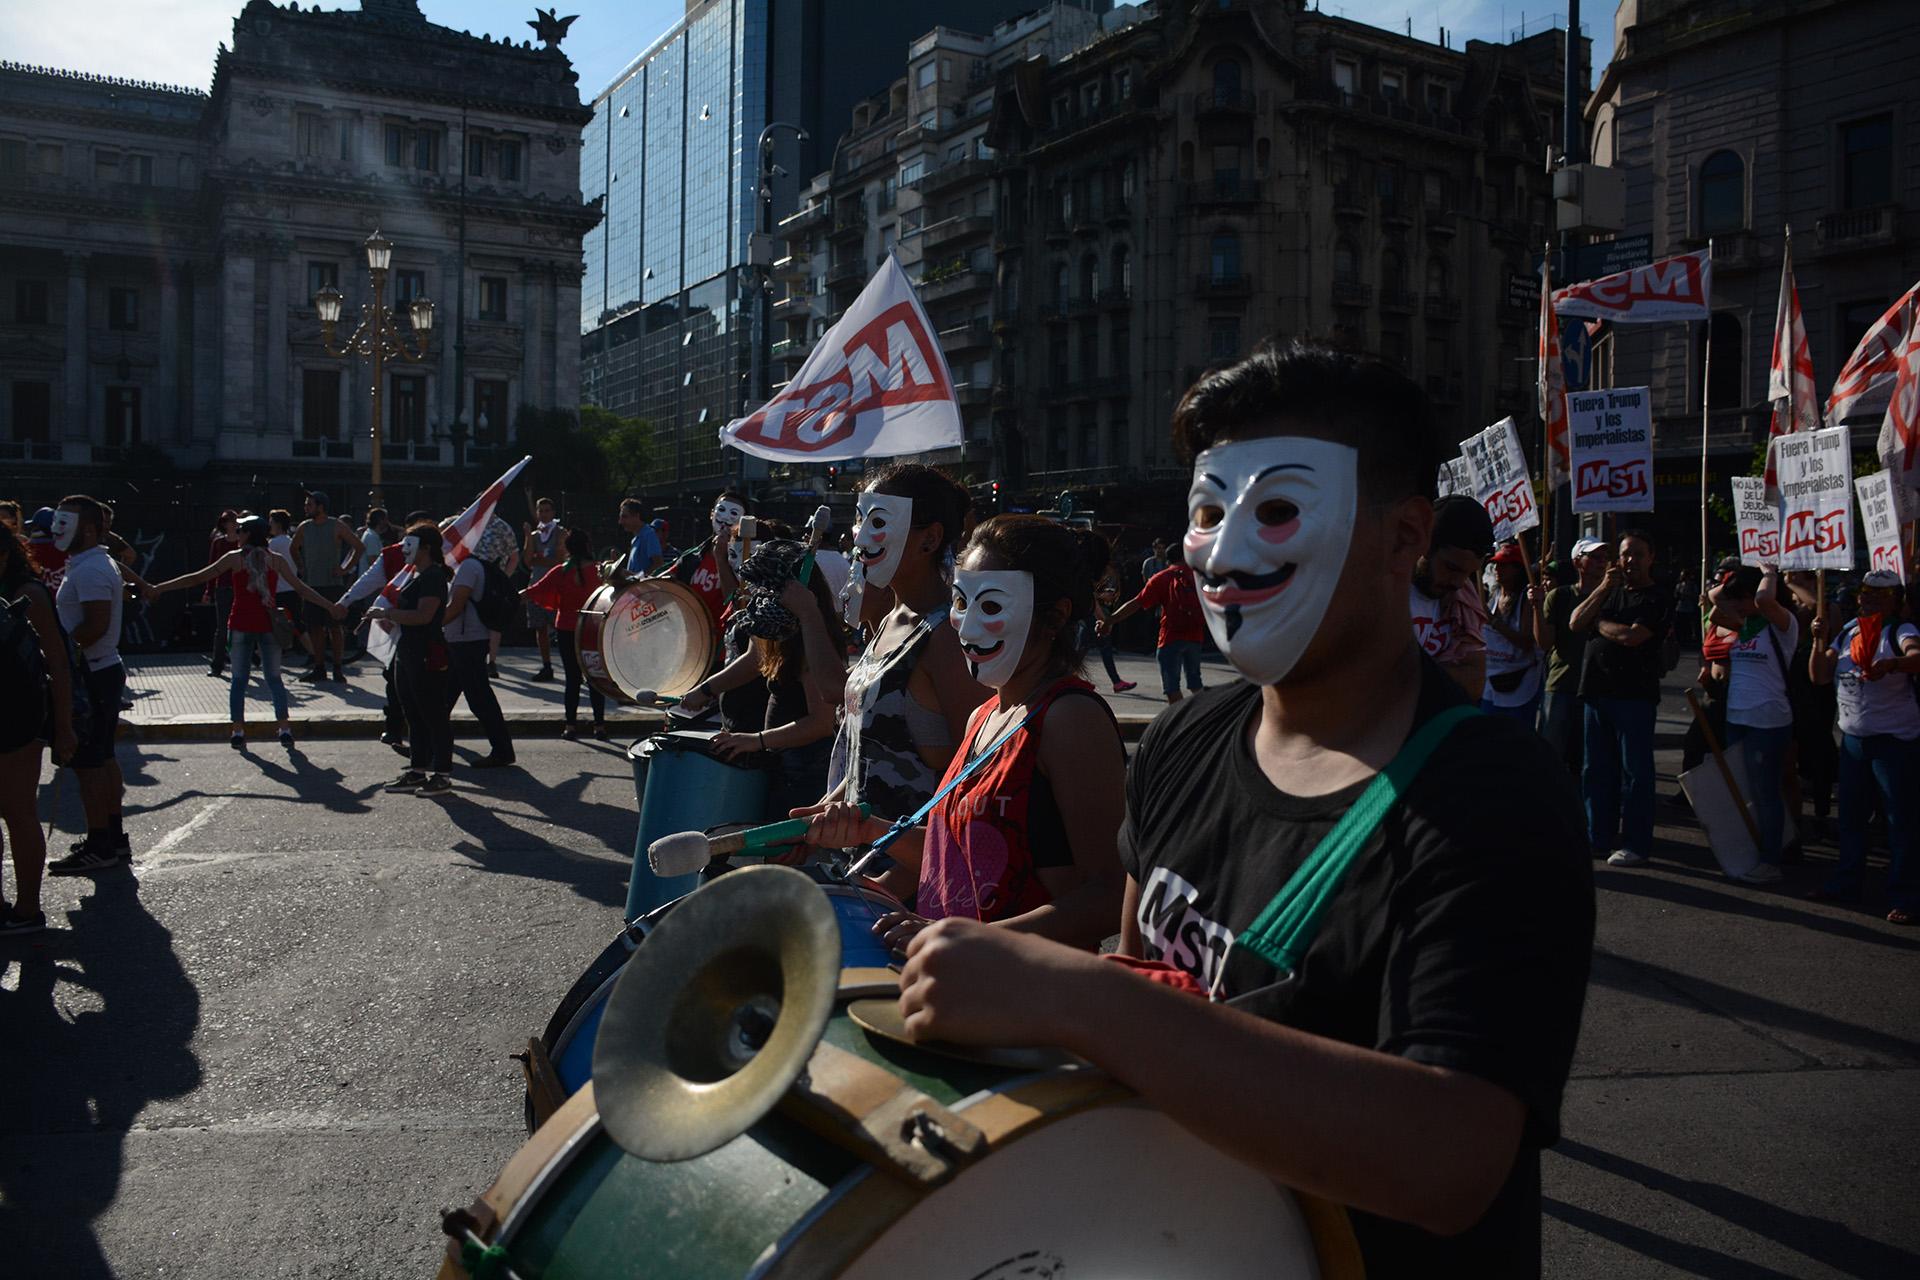 La protesta se llevó a cabo en la zona cercana al Congreso de la Nación